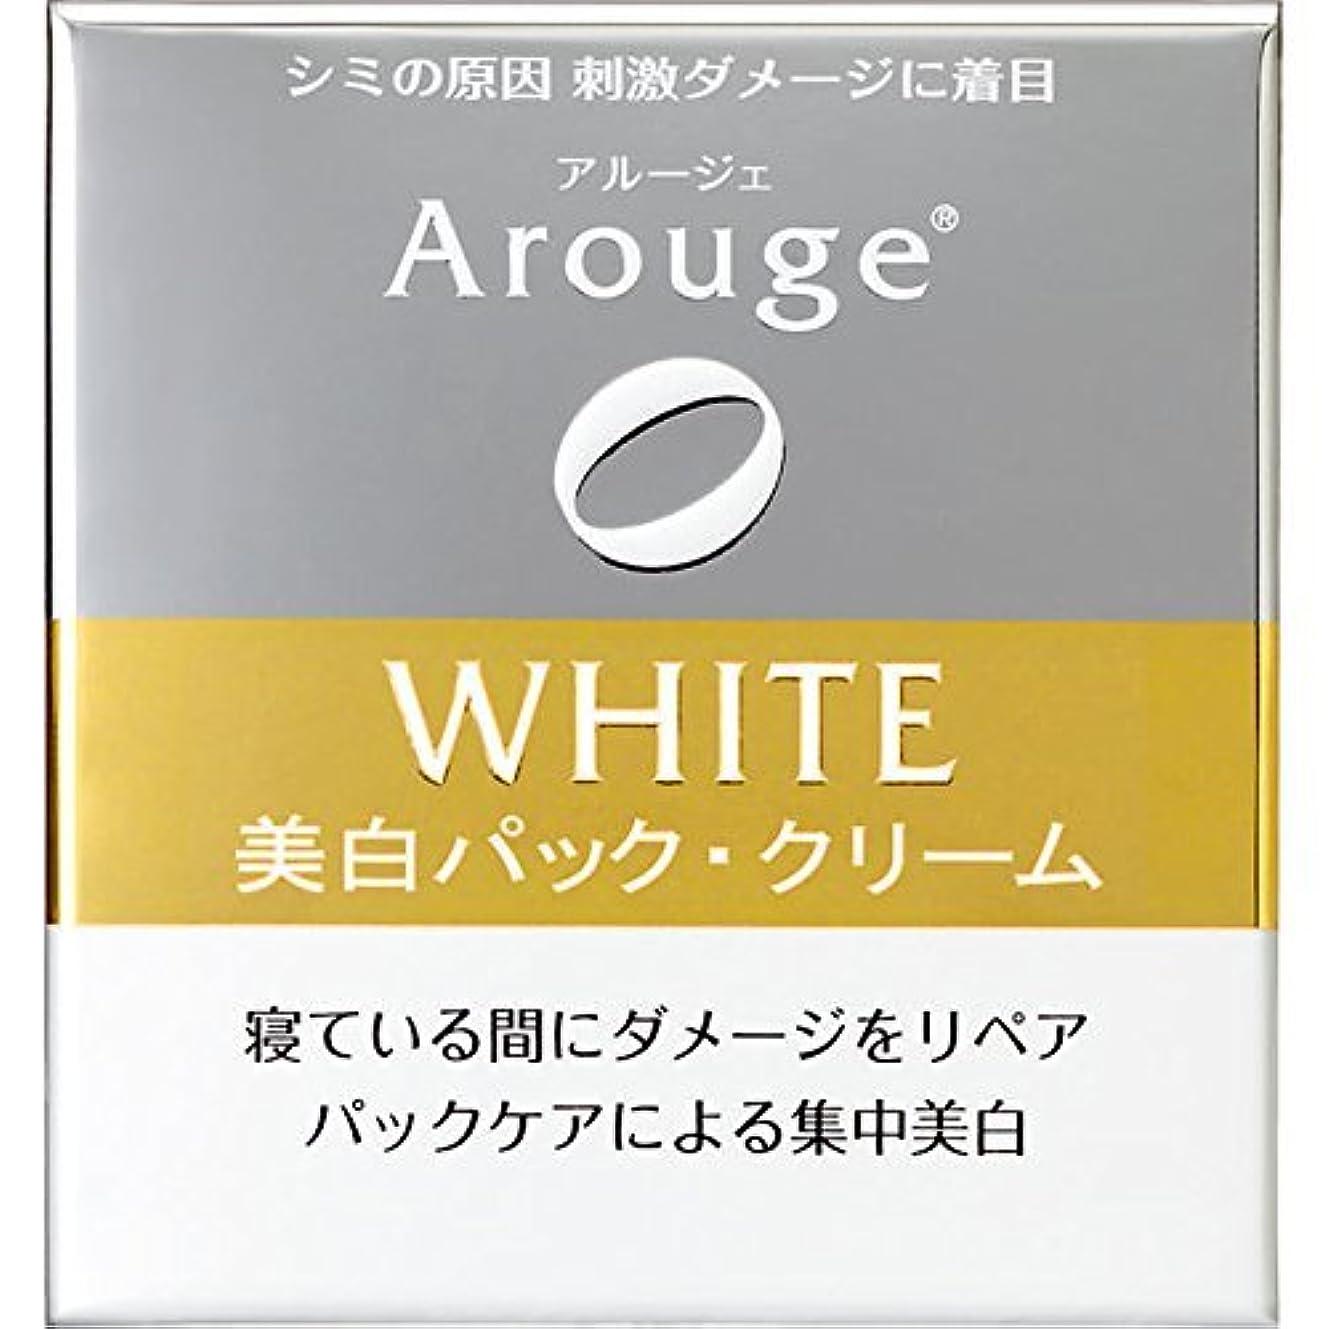 しないでください合併症論争アルージェ ホワイトニングリペアクリーム 30g